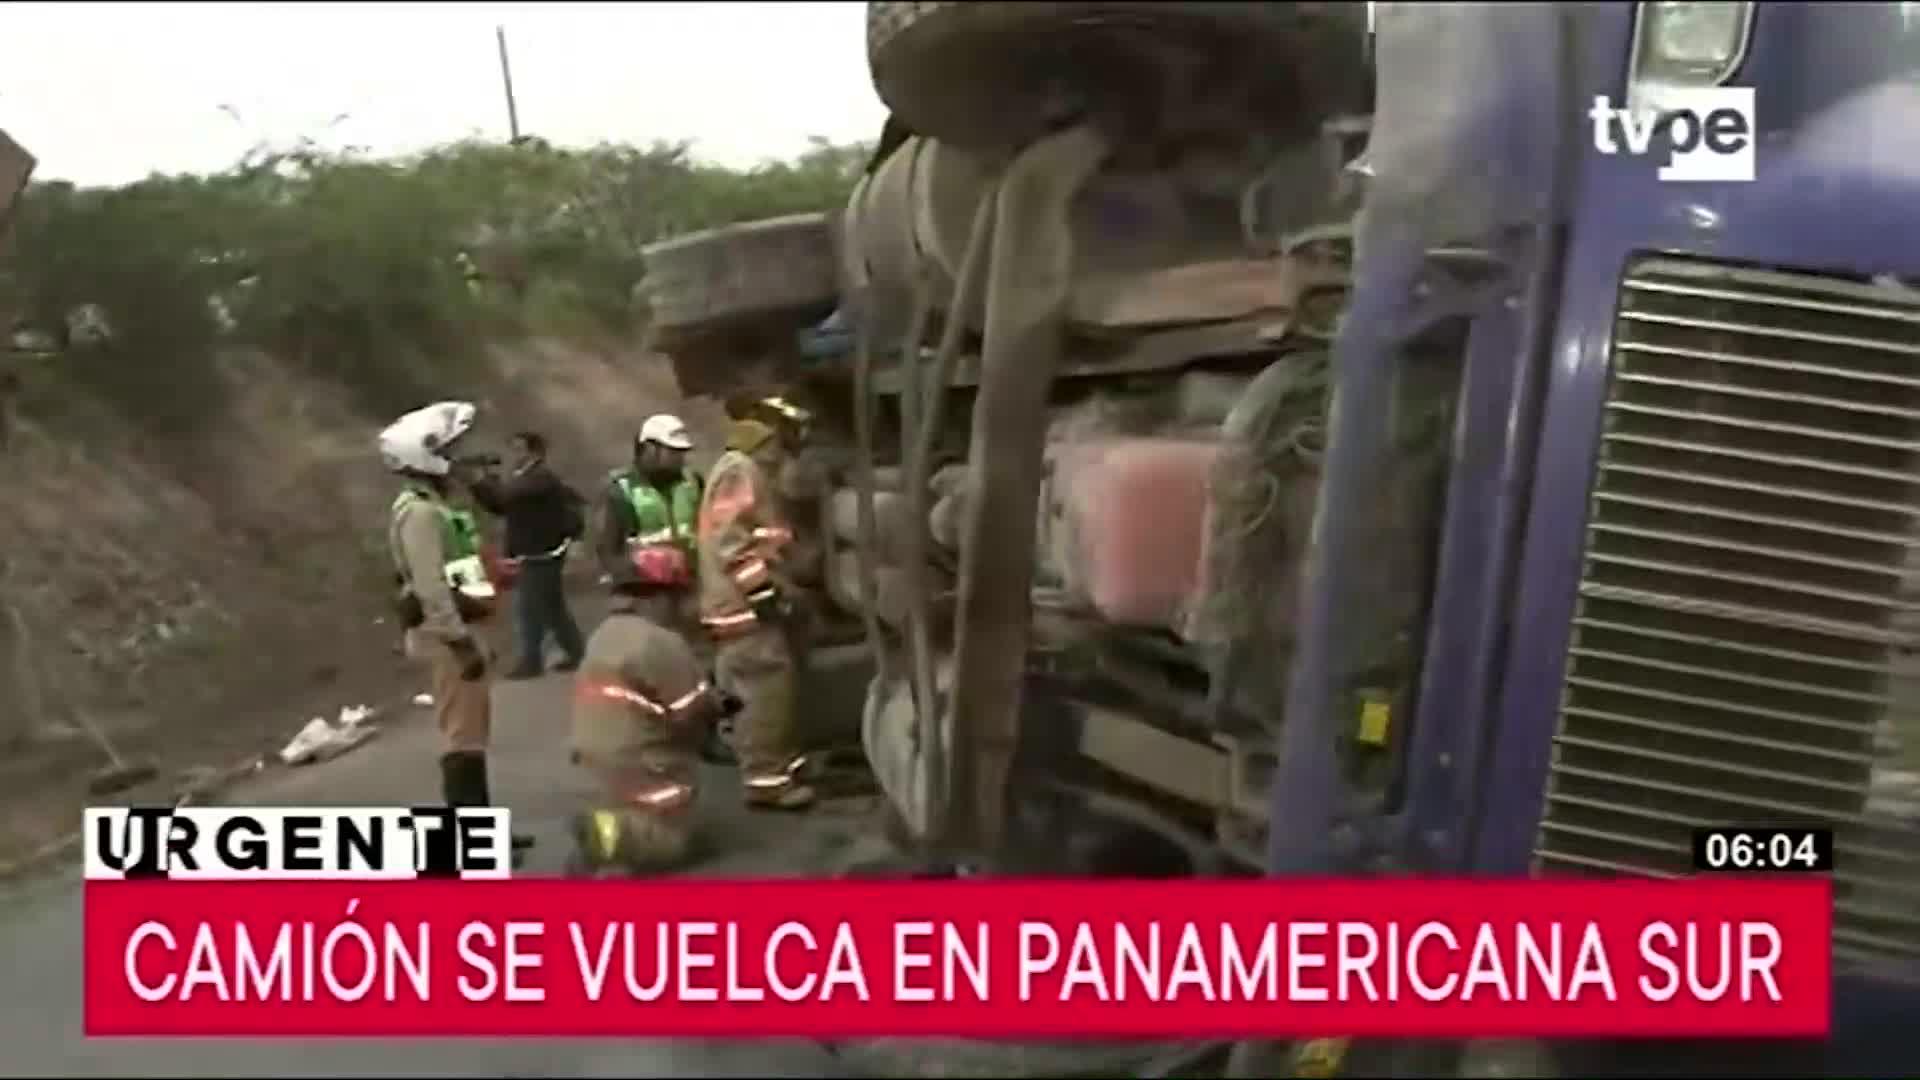 Camión volcado en la Panamericana Sur genera congestión